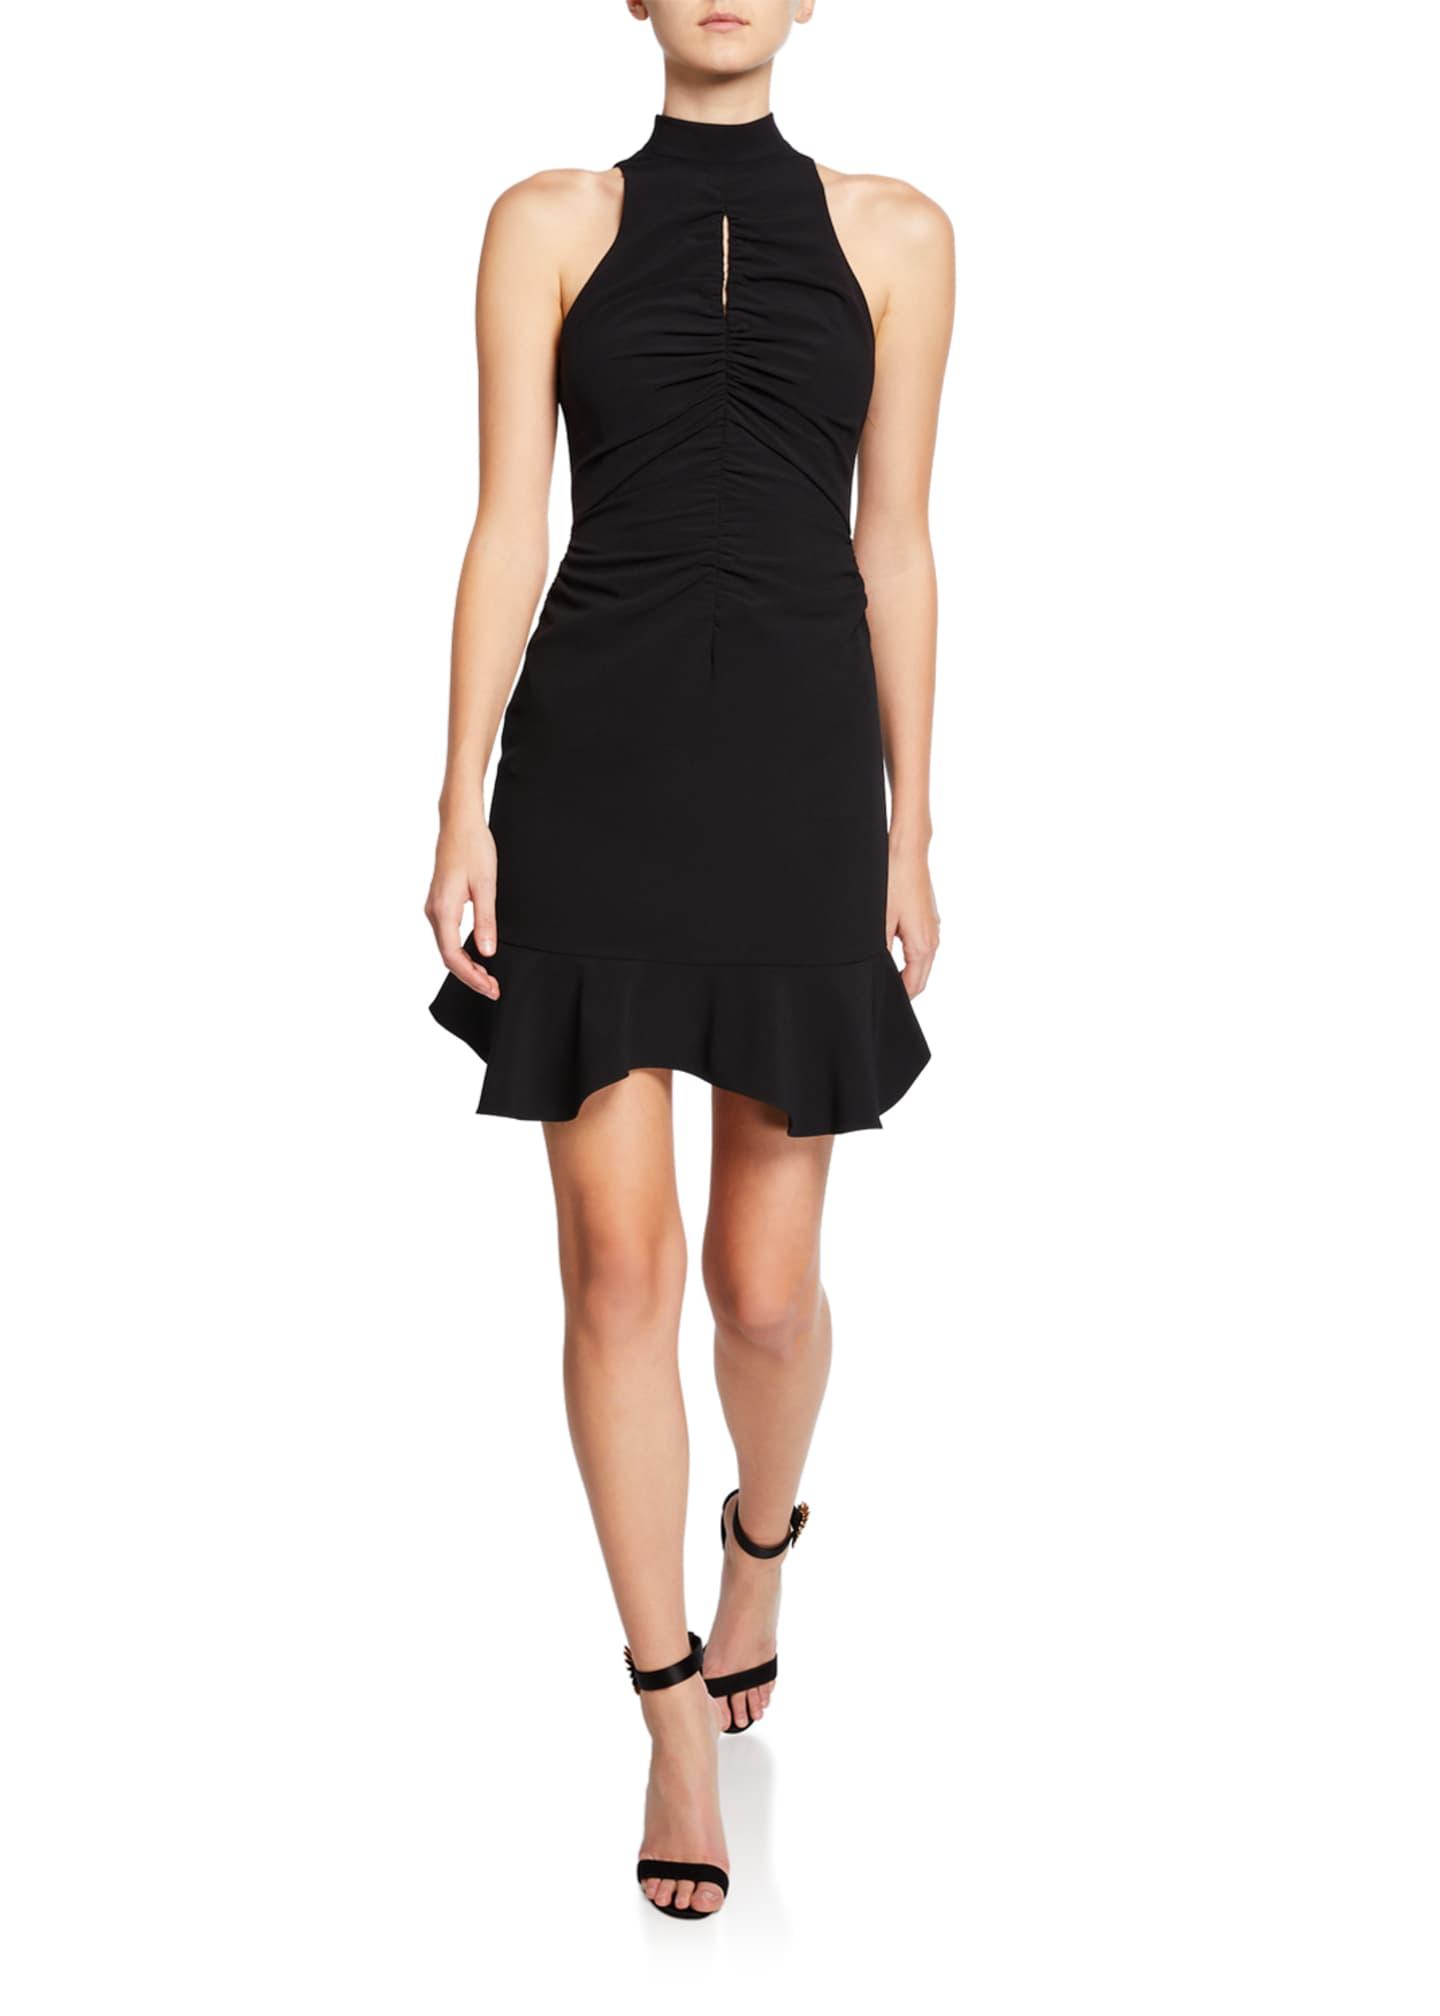 Halston Sleeveless Mock-Neck Dress with Ruched Keyhole